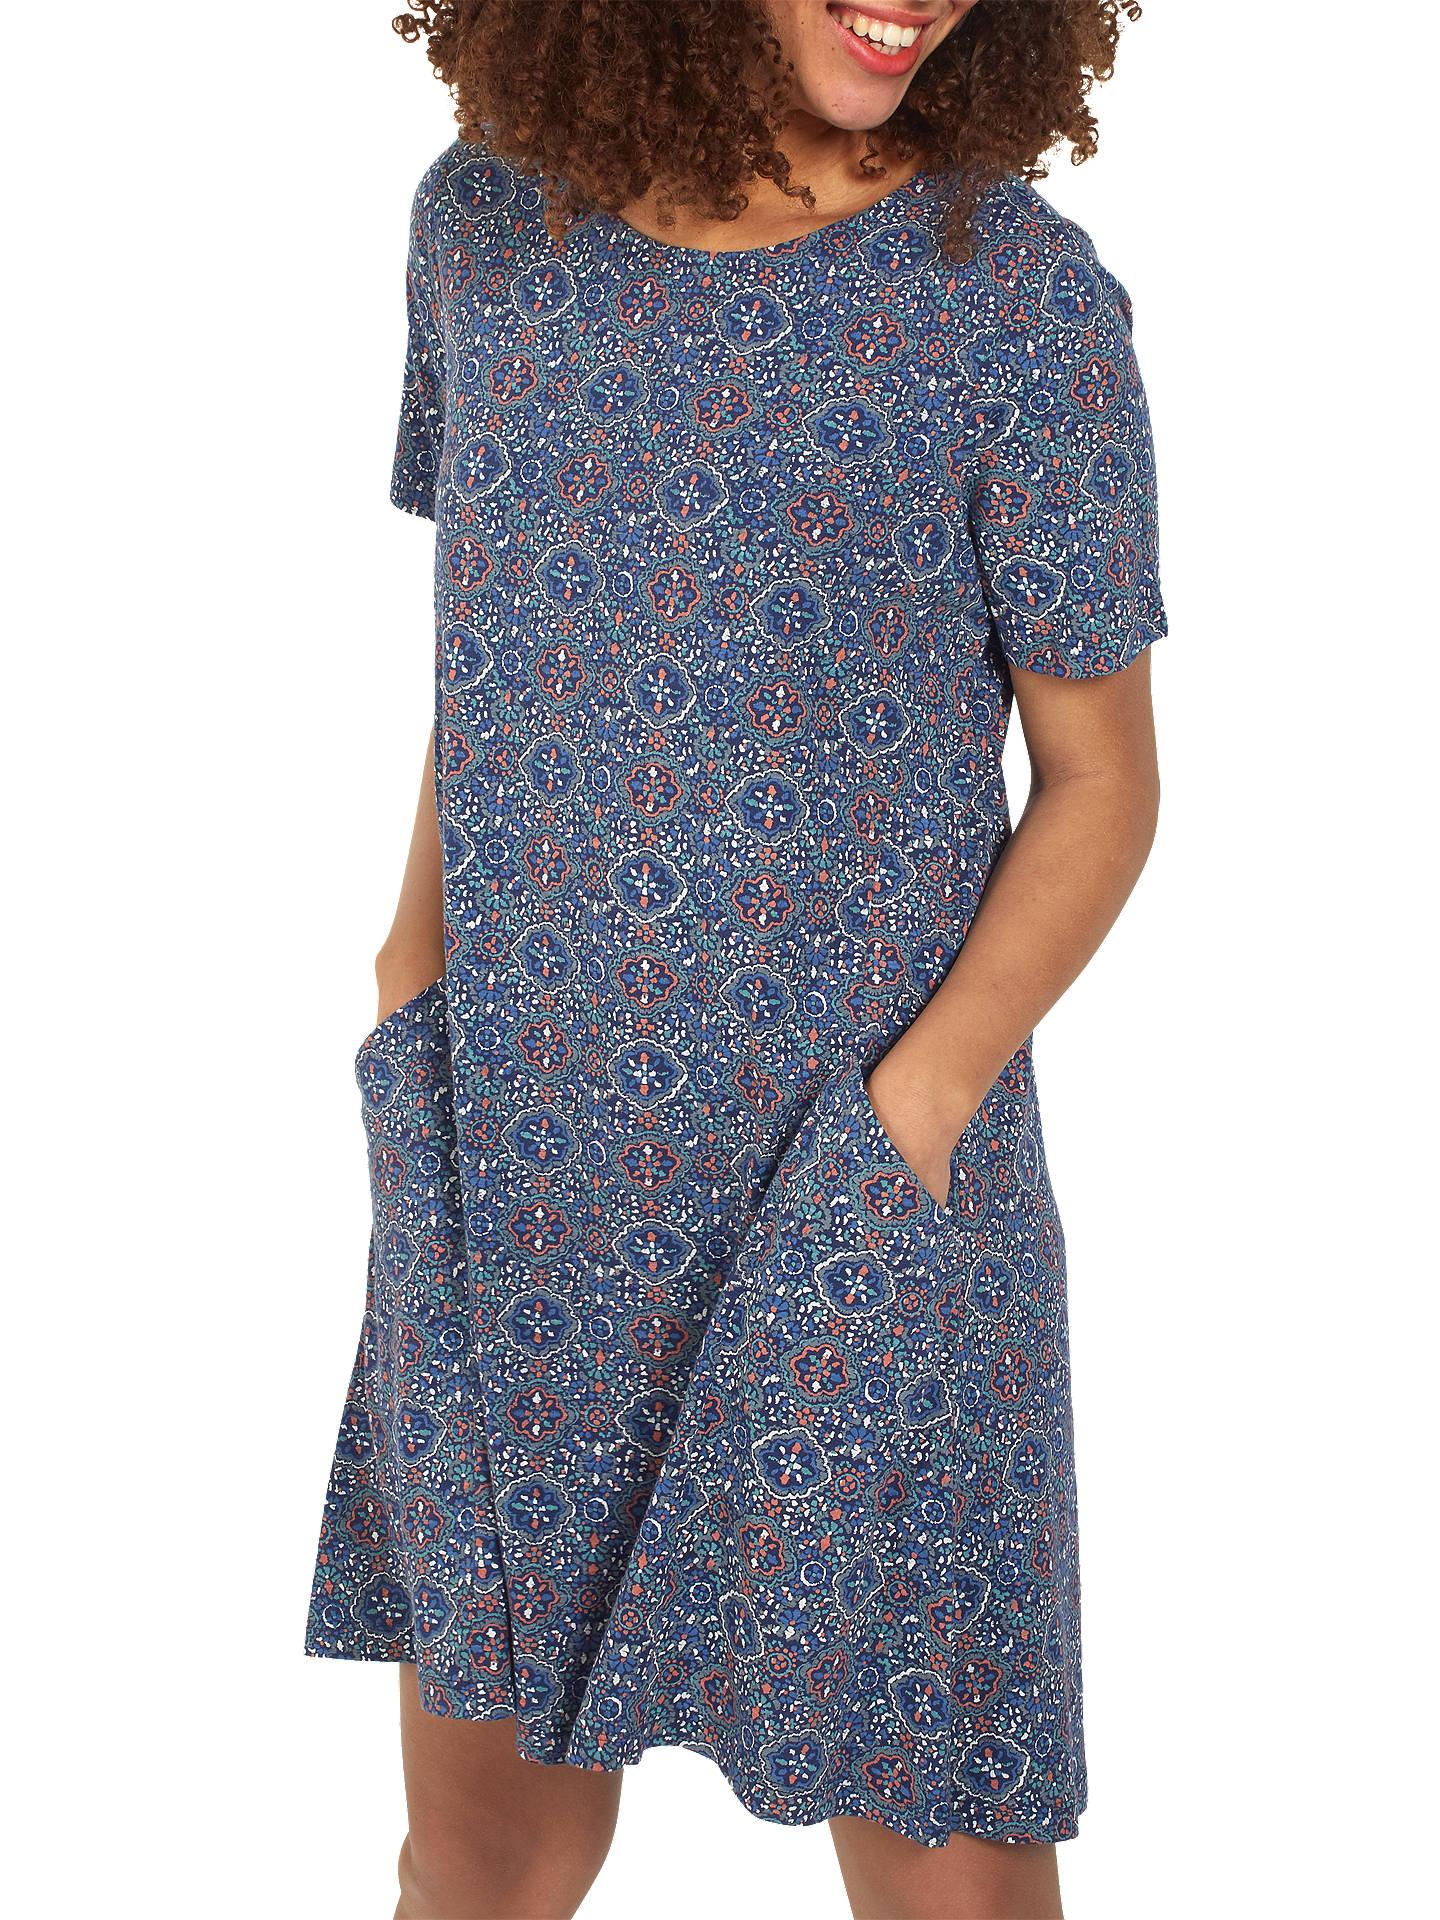 4da856d90da59a Buy Fat Face Simone Dress